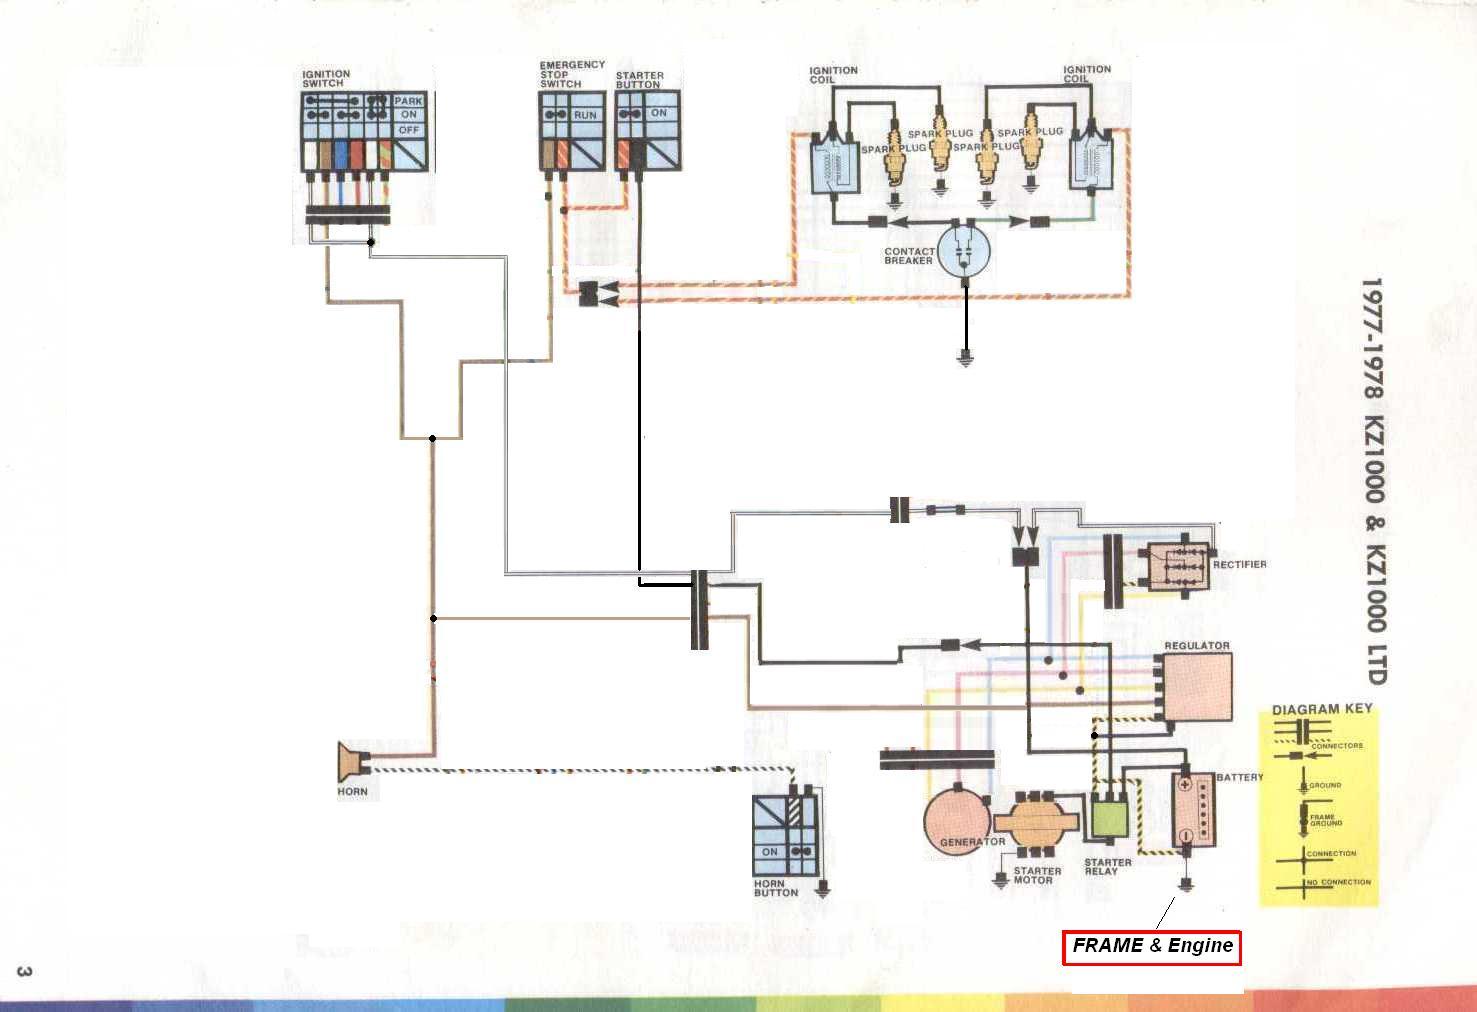 2002 gl1800 wiring schematic goldwing starter wiring diagramwiring diagram gl1800 schema wiring diagrams gl1800 wiring schematic 1978 honda goldwing wiring diagram besides 2008